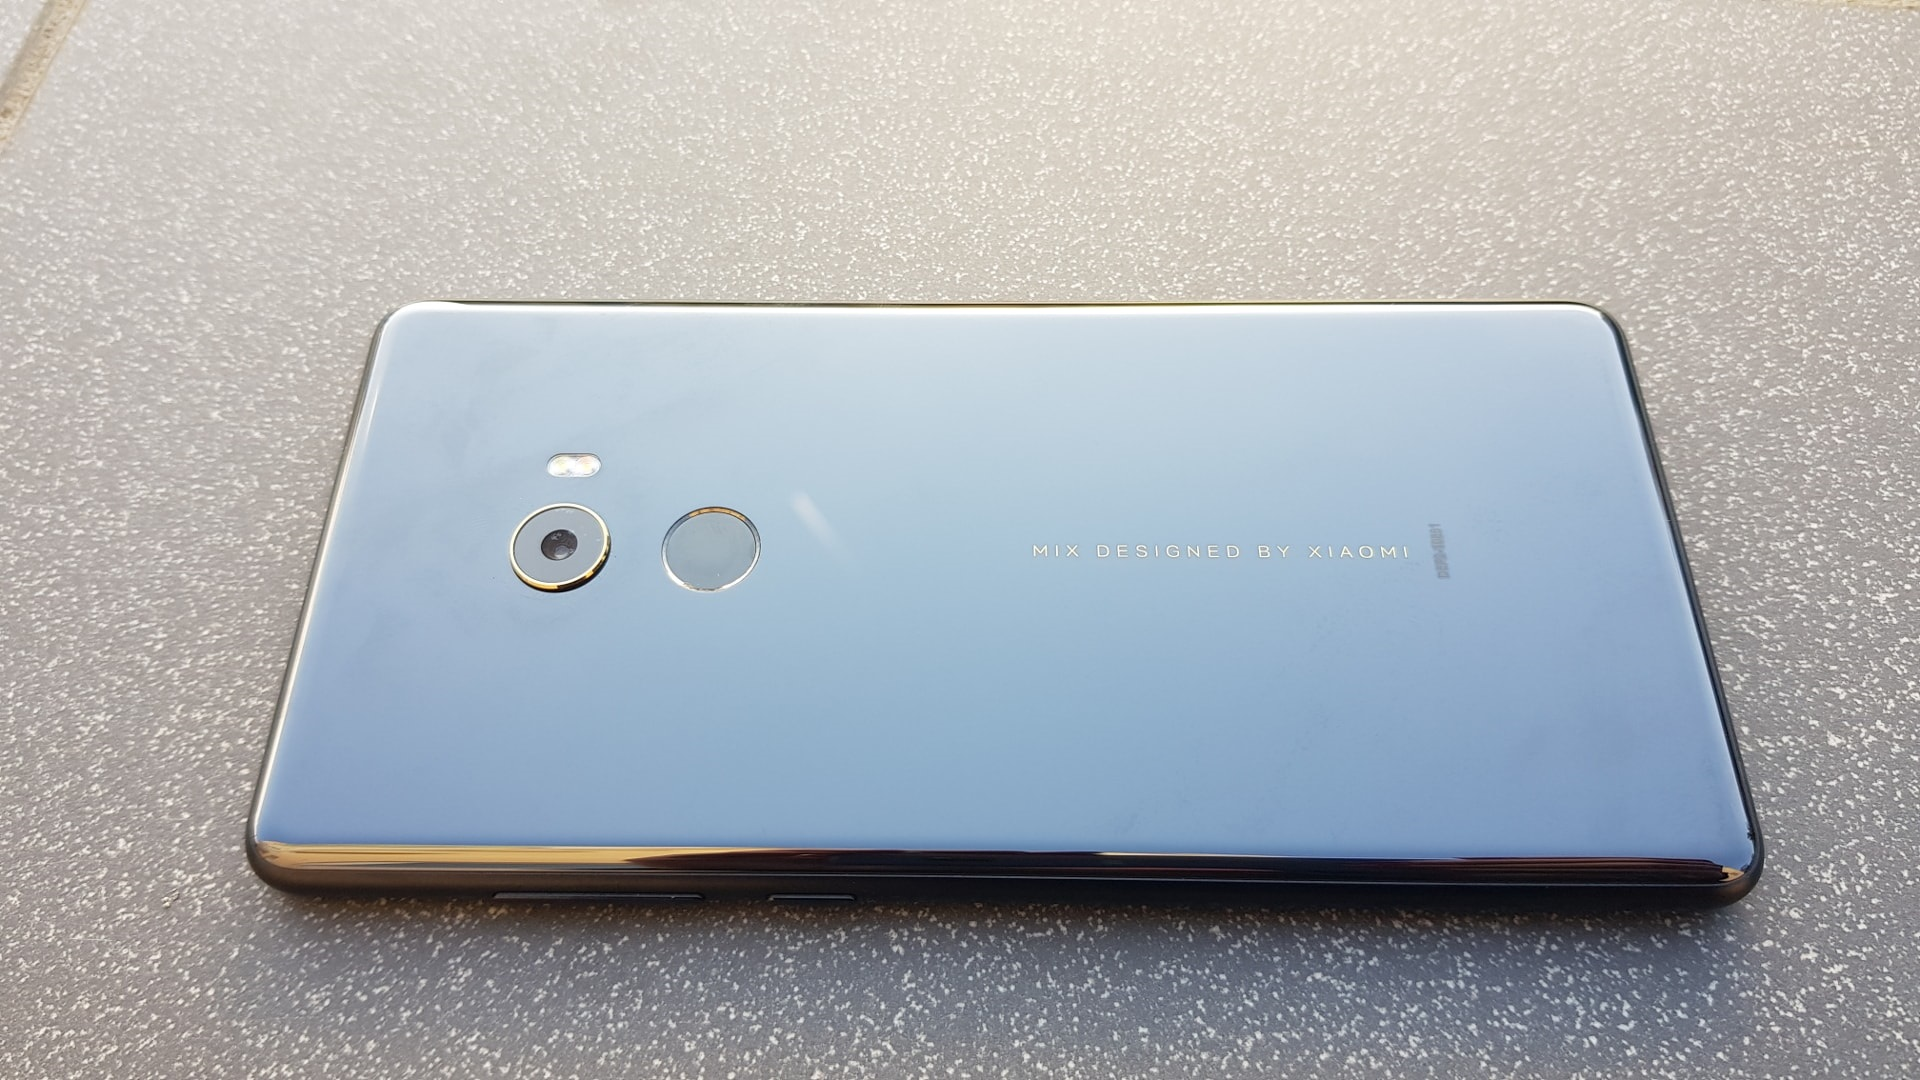 displej Xiaomi Mi Mix 2 keramick½ zadn kryt